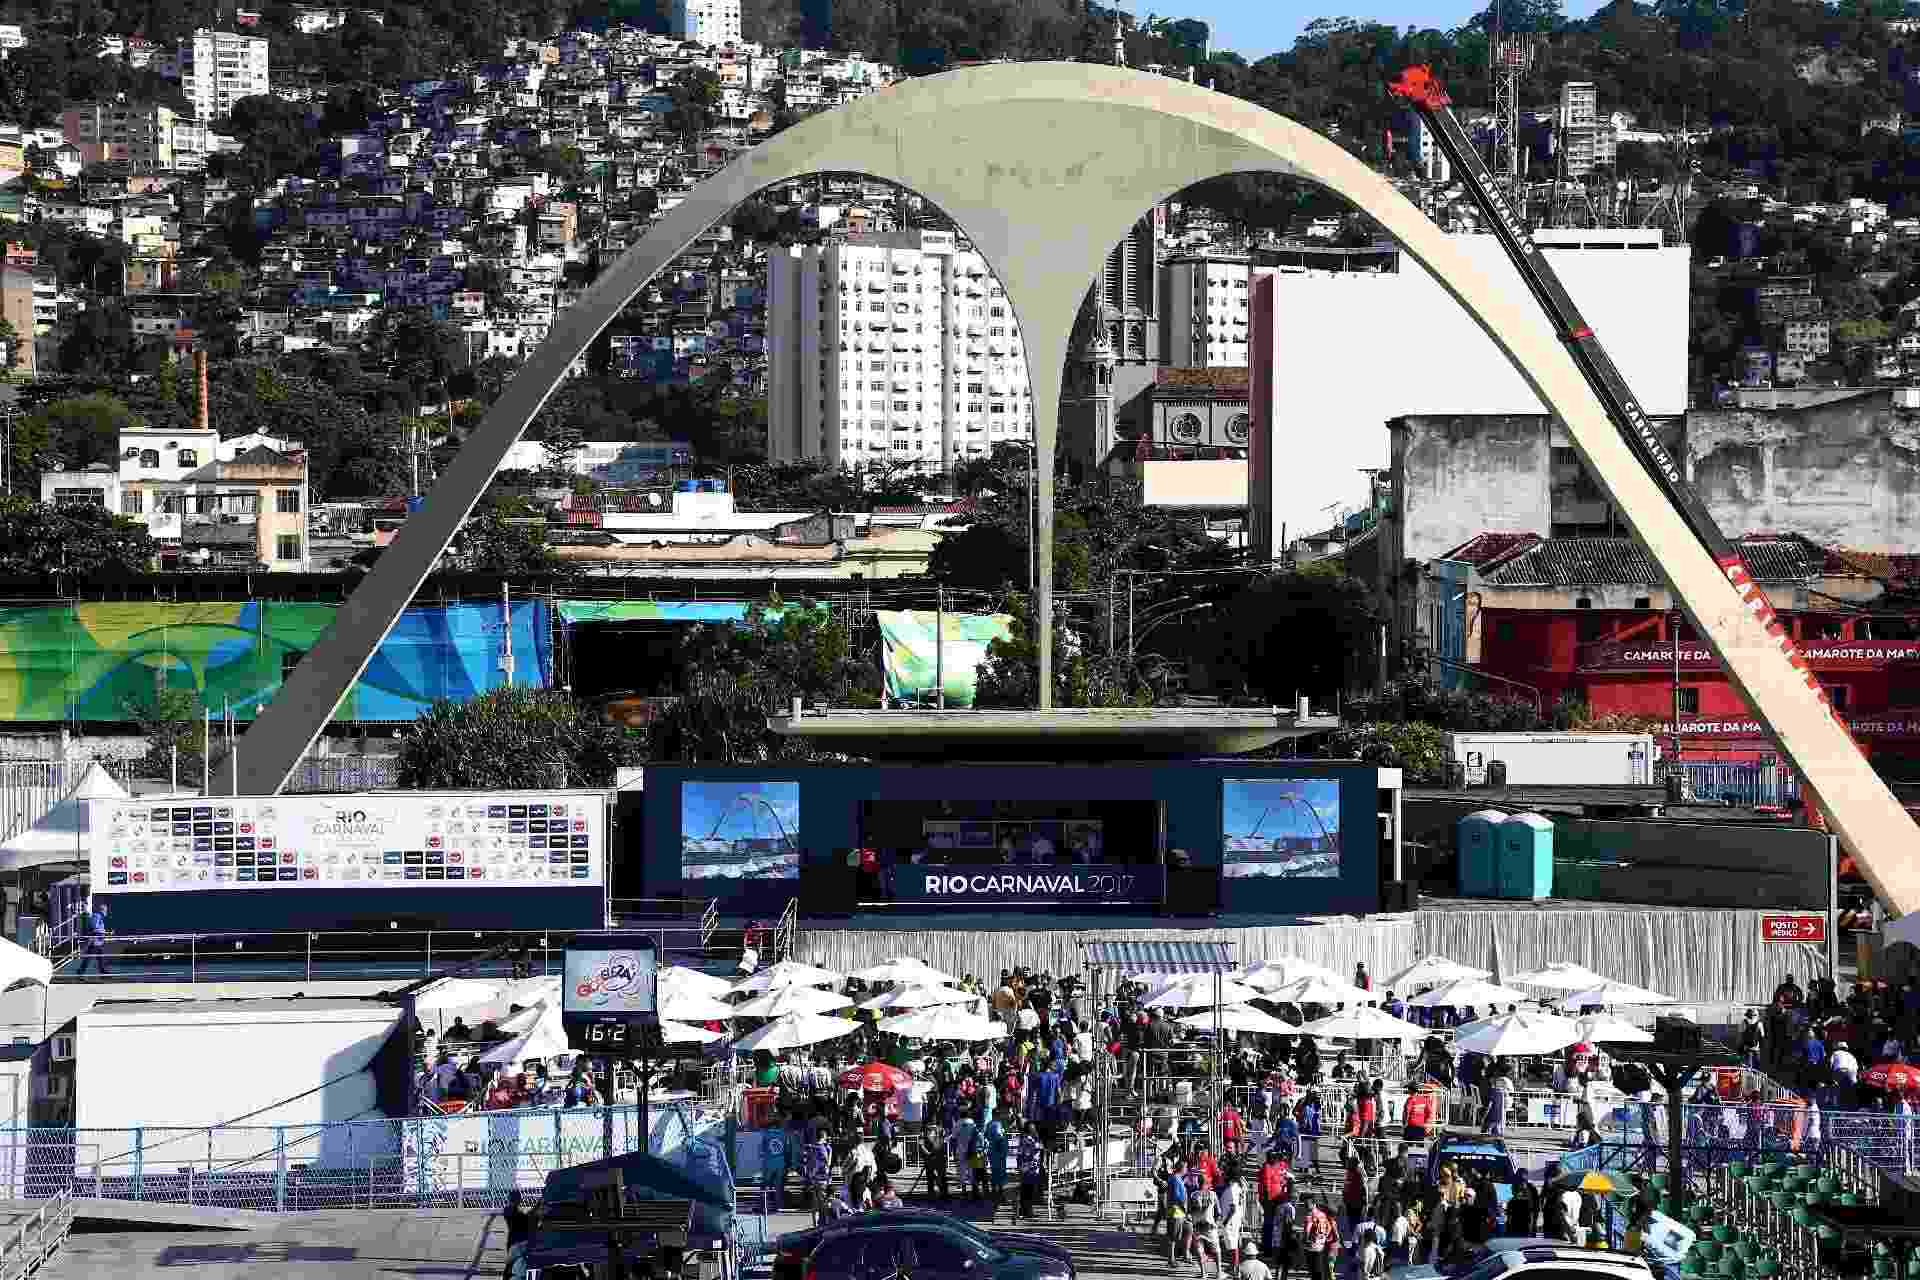 Apuração das escolas de samba do Carnaval do Rio de Janeiro - WILTON JUNIOR/ESTADÃO CONTEÚDO